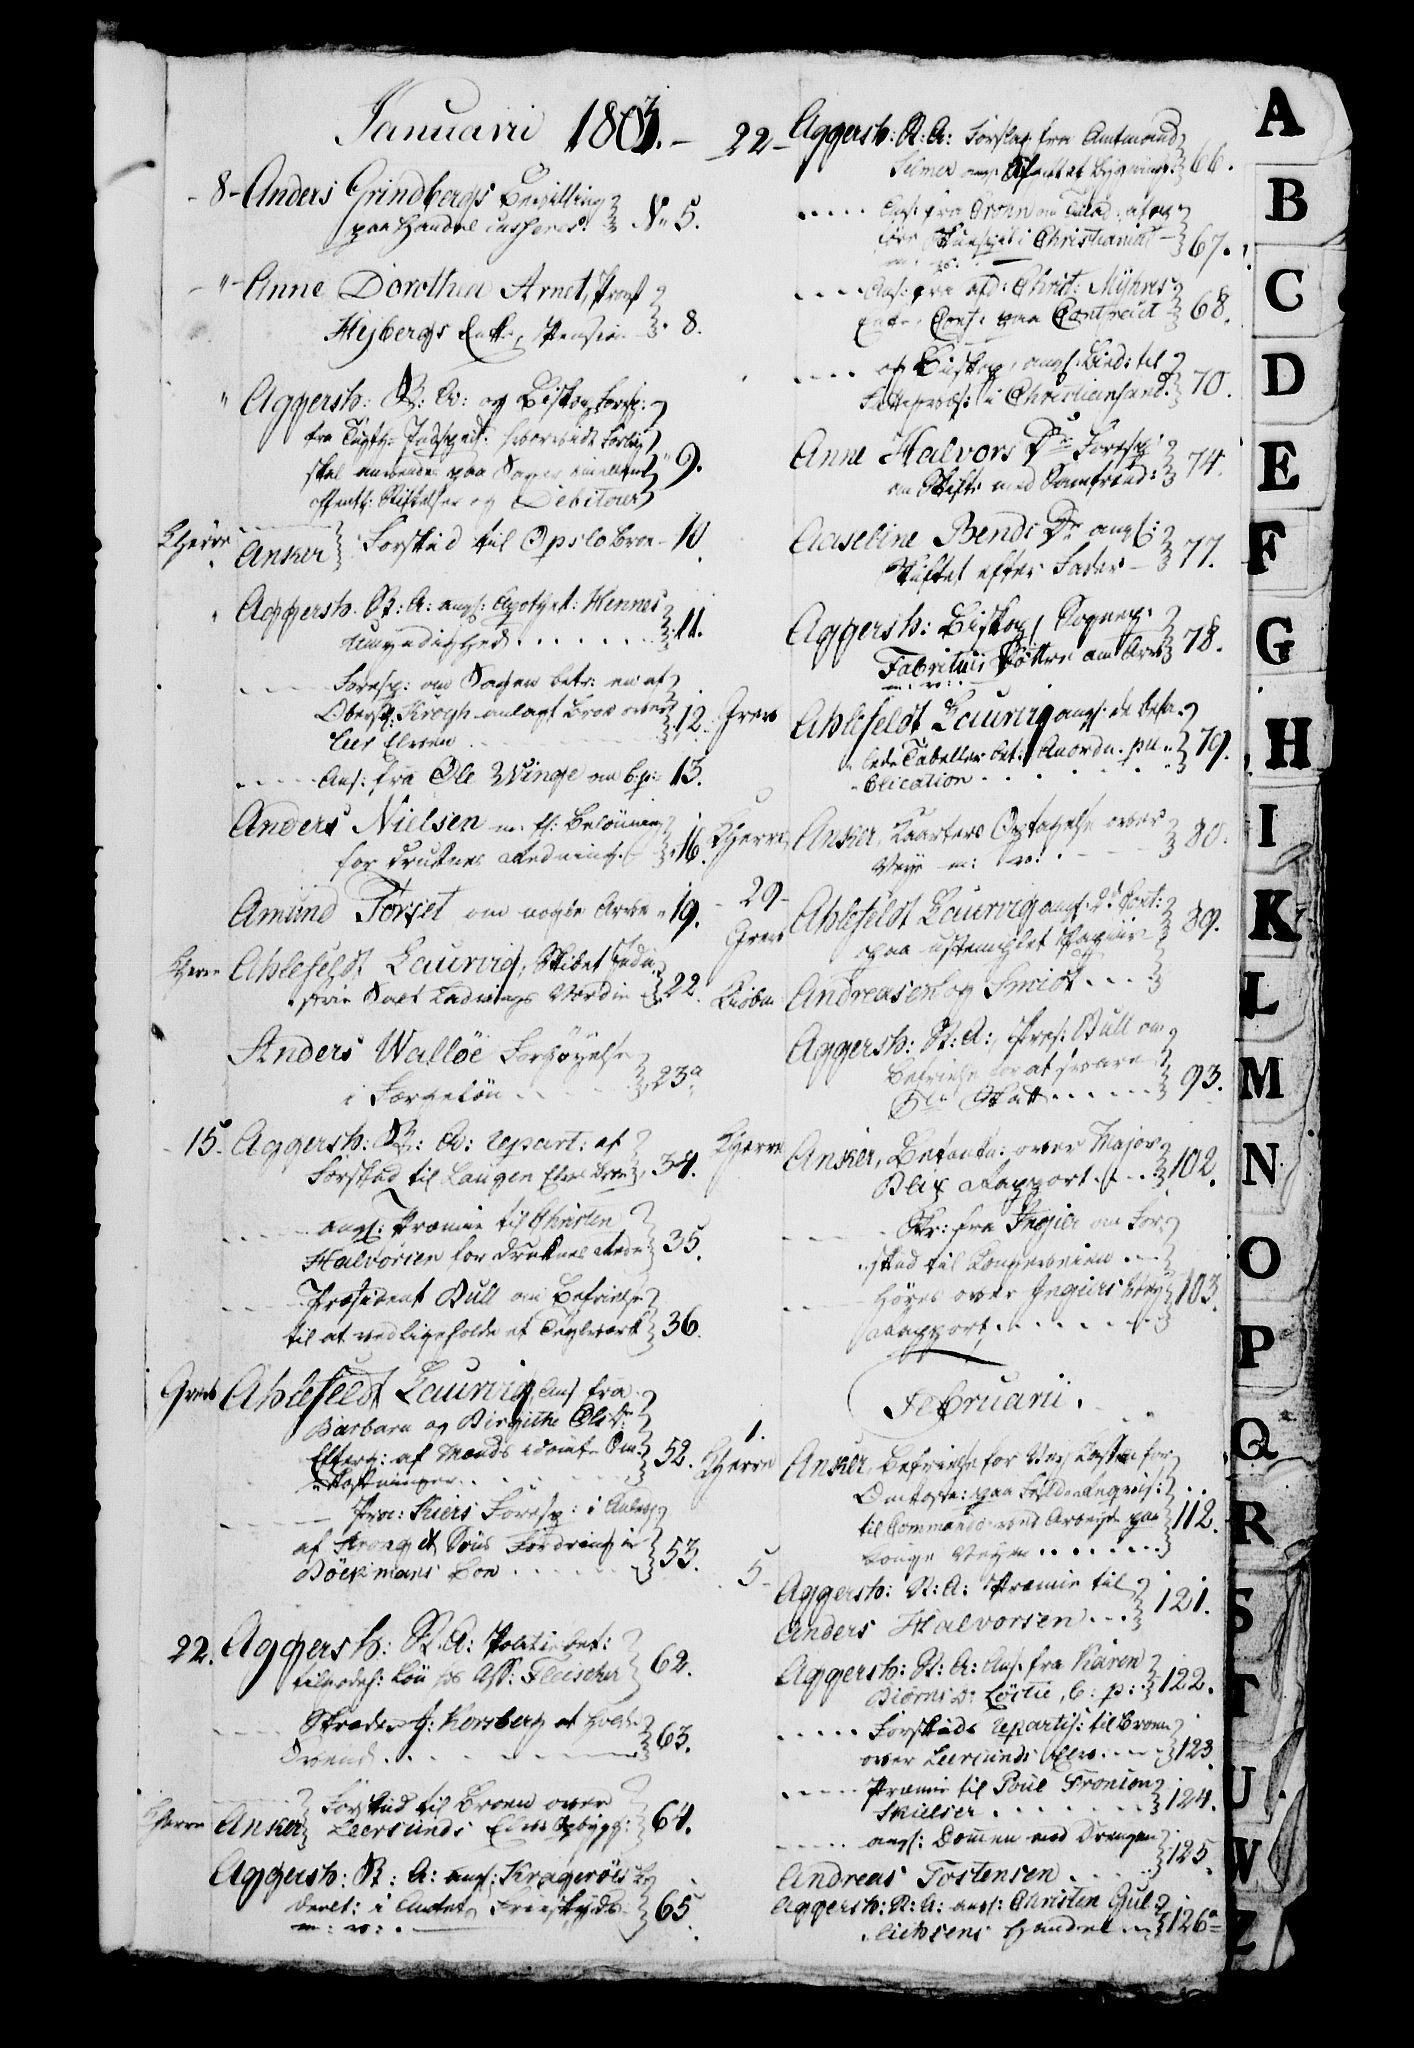 RA, Danske Kanselli 1800-1814, H/Hg/Hga/Hgaa/L0007: Brevbok, 1803